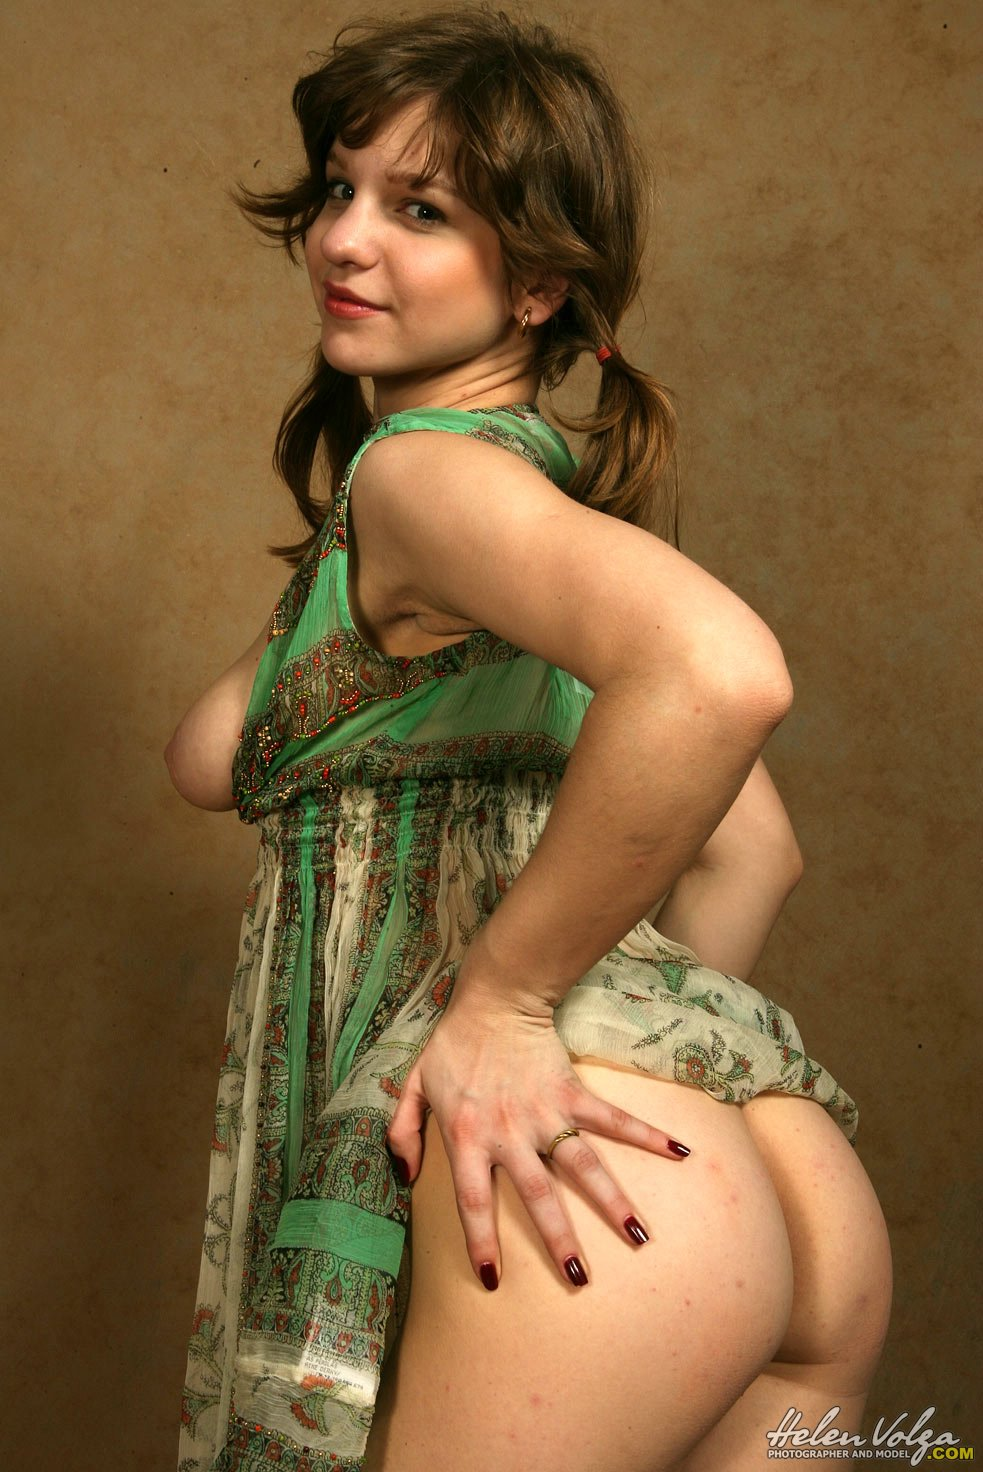 My wife ashley threesome